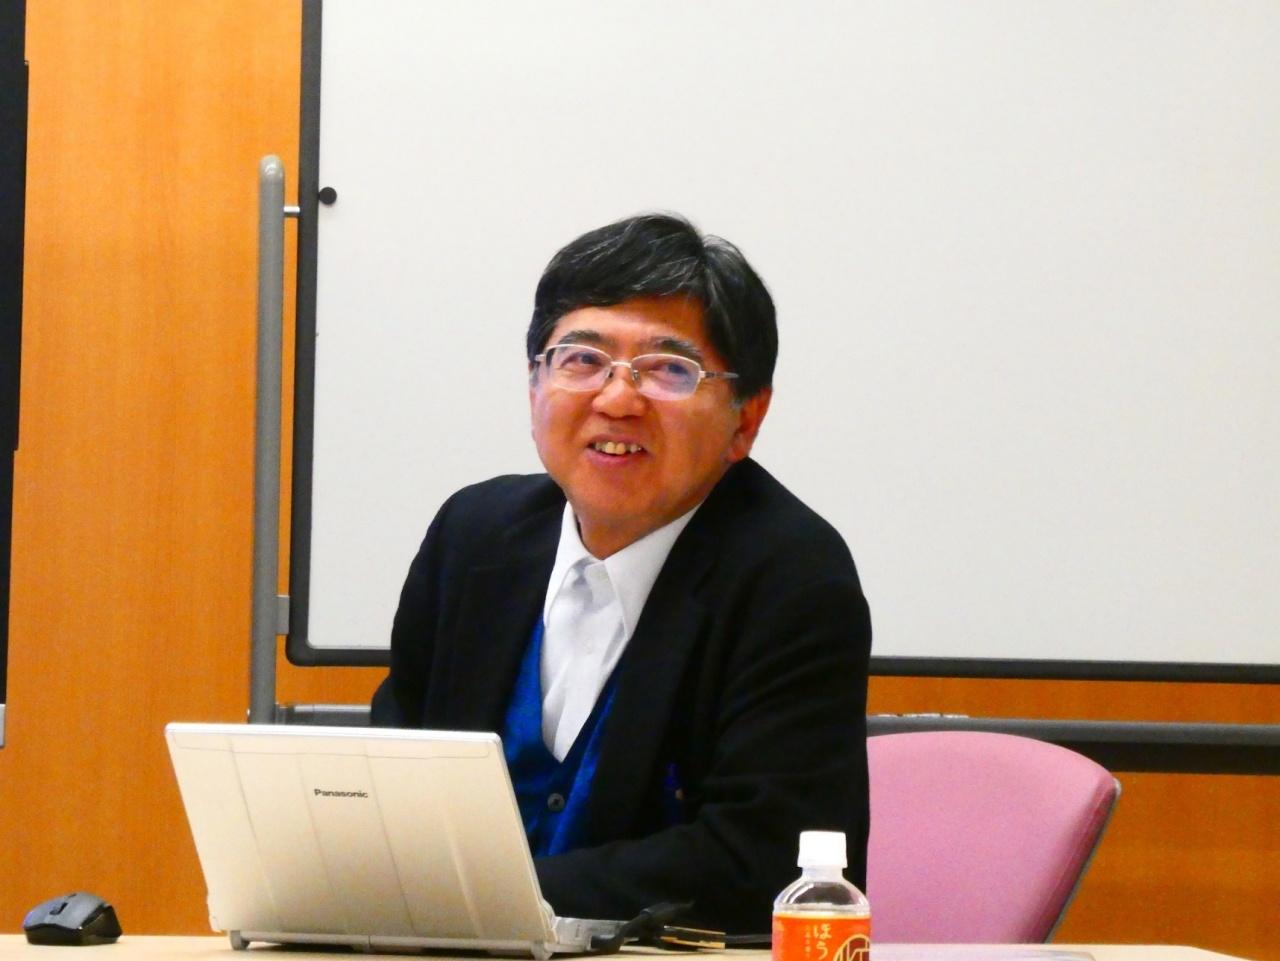 浜井 浩一 教授(本学法学部 /犯罪学研究センター 国際部門長・「政策評価」ユニット長)